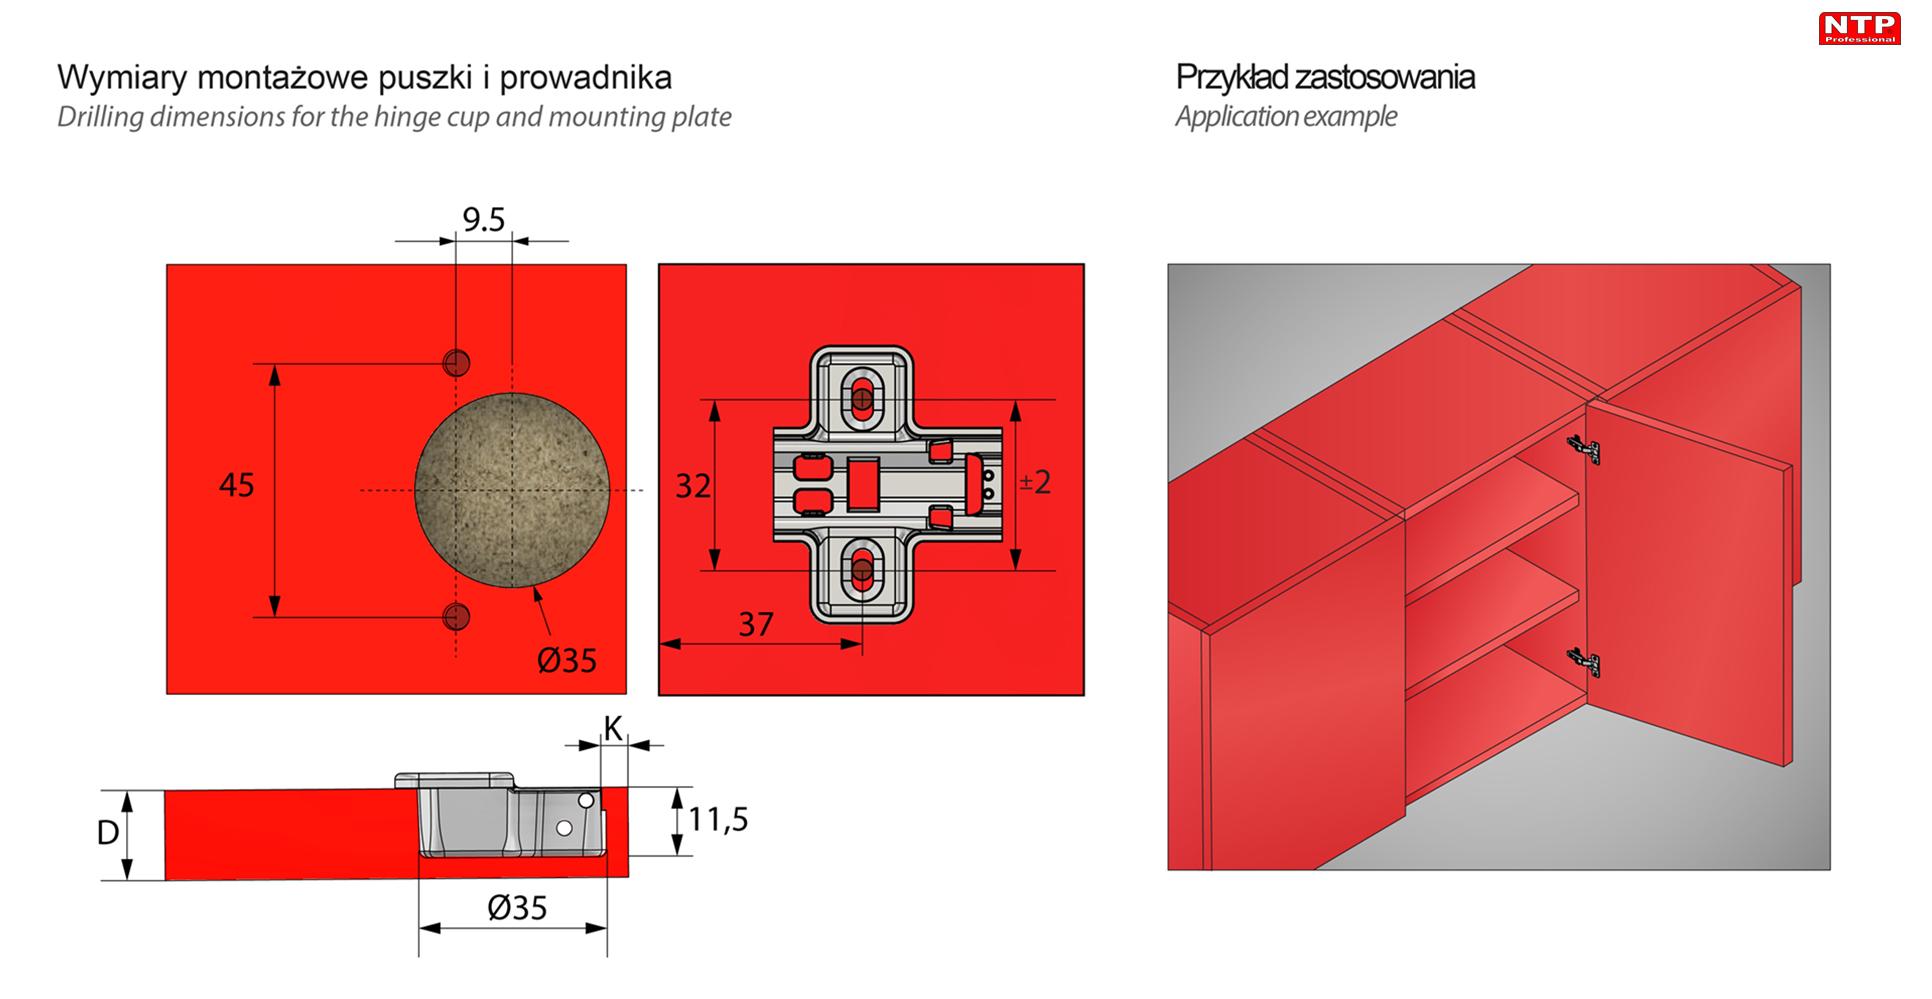 ZPC01-H0 Przykład zastosowania